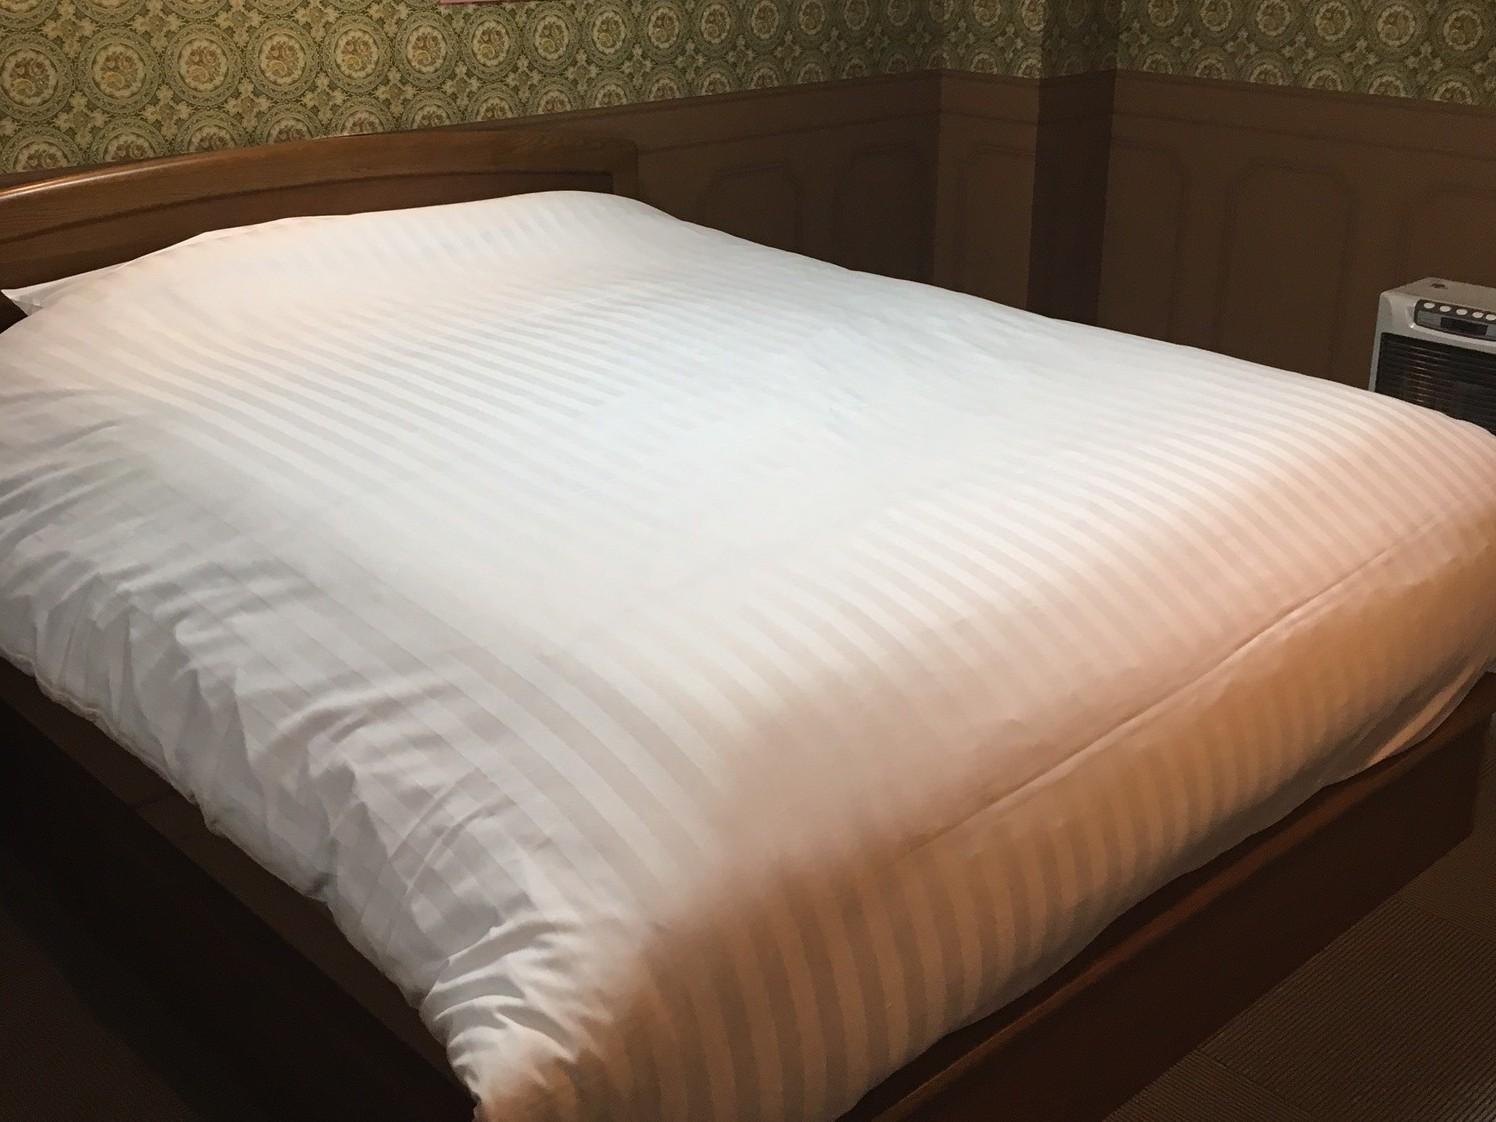 Hotel A, Yonezawa